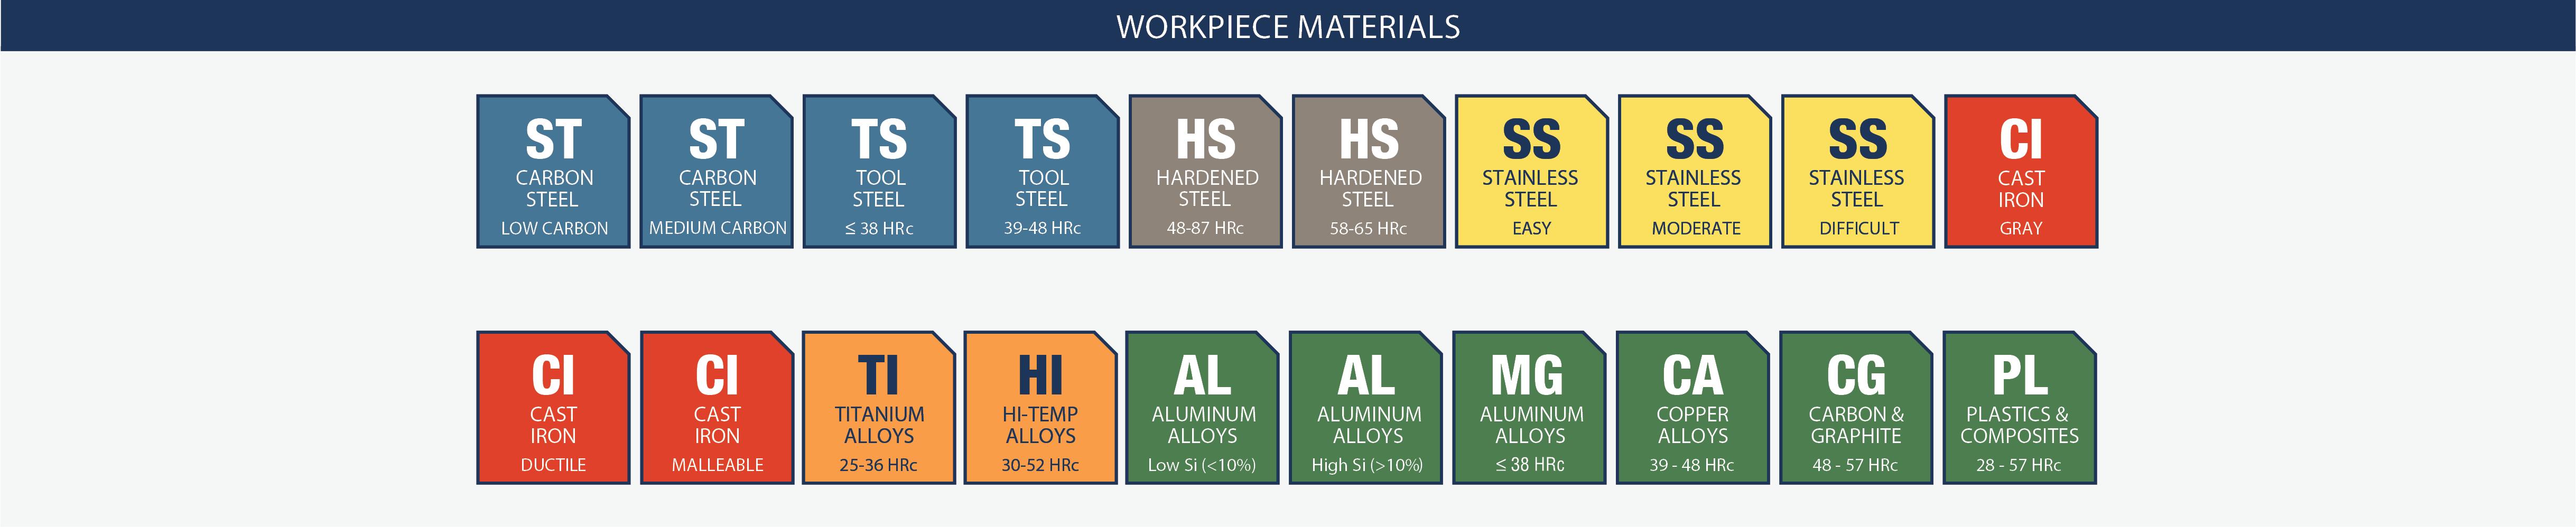 Icon Index Work Piece Materials